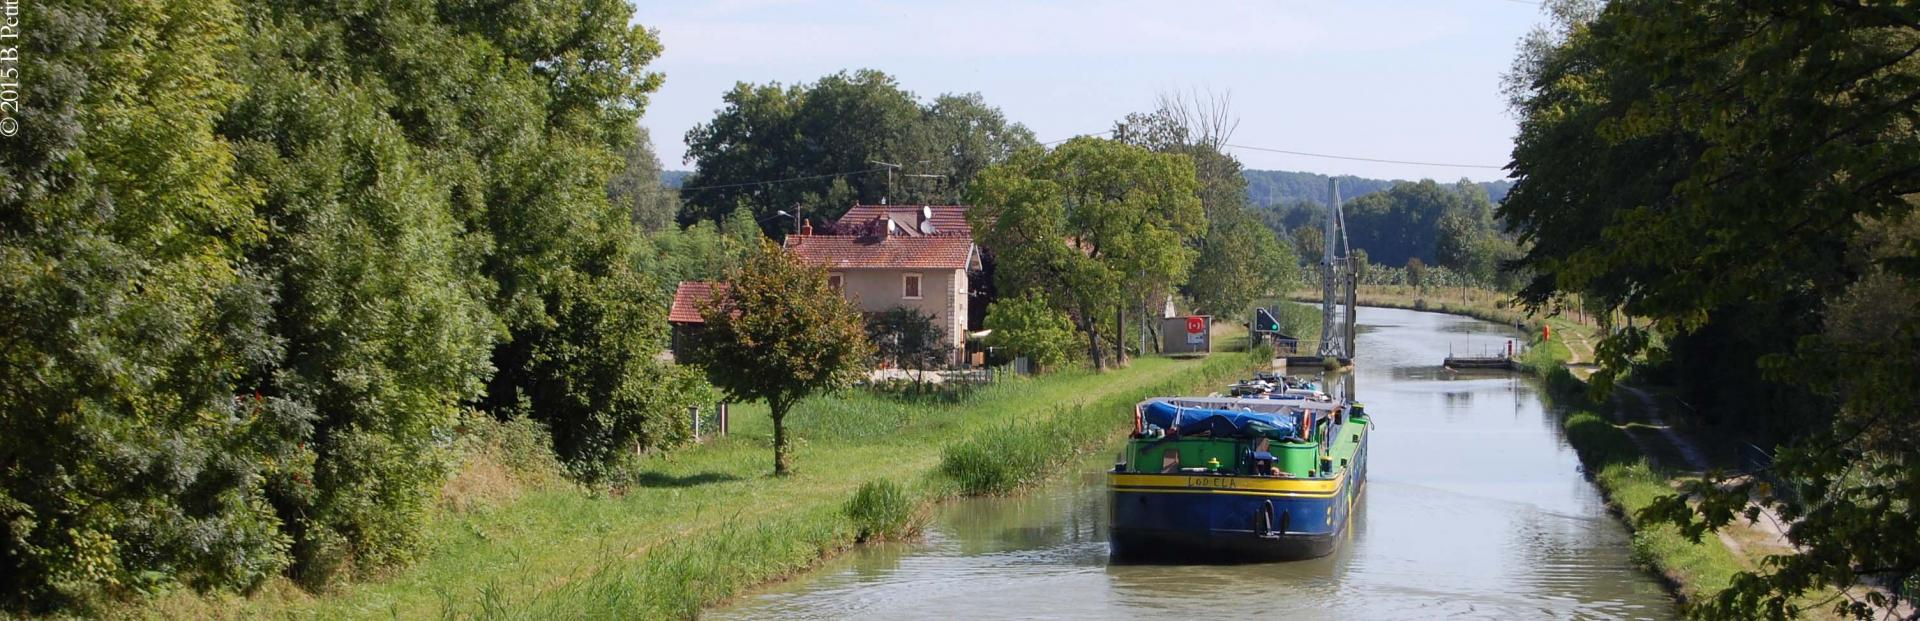 Le Mirebellois et Fontenois, un pays de terre et d'eau !